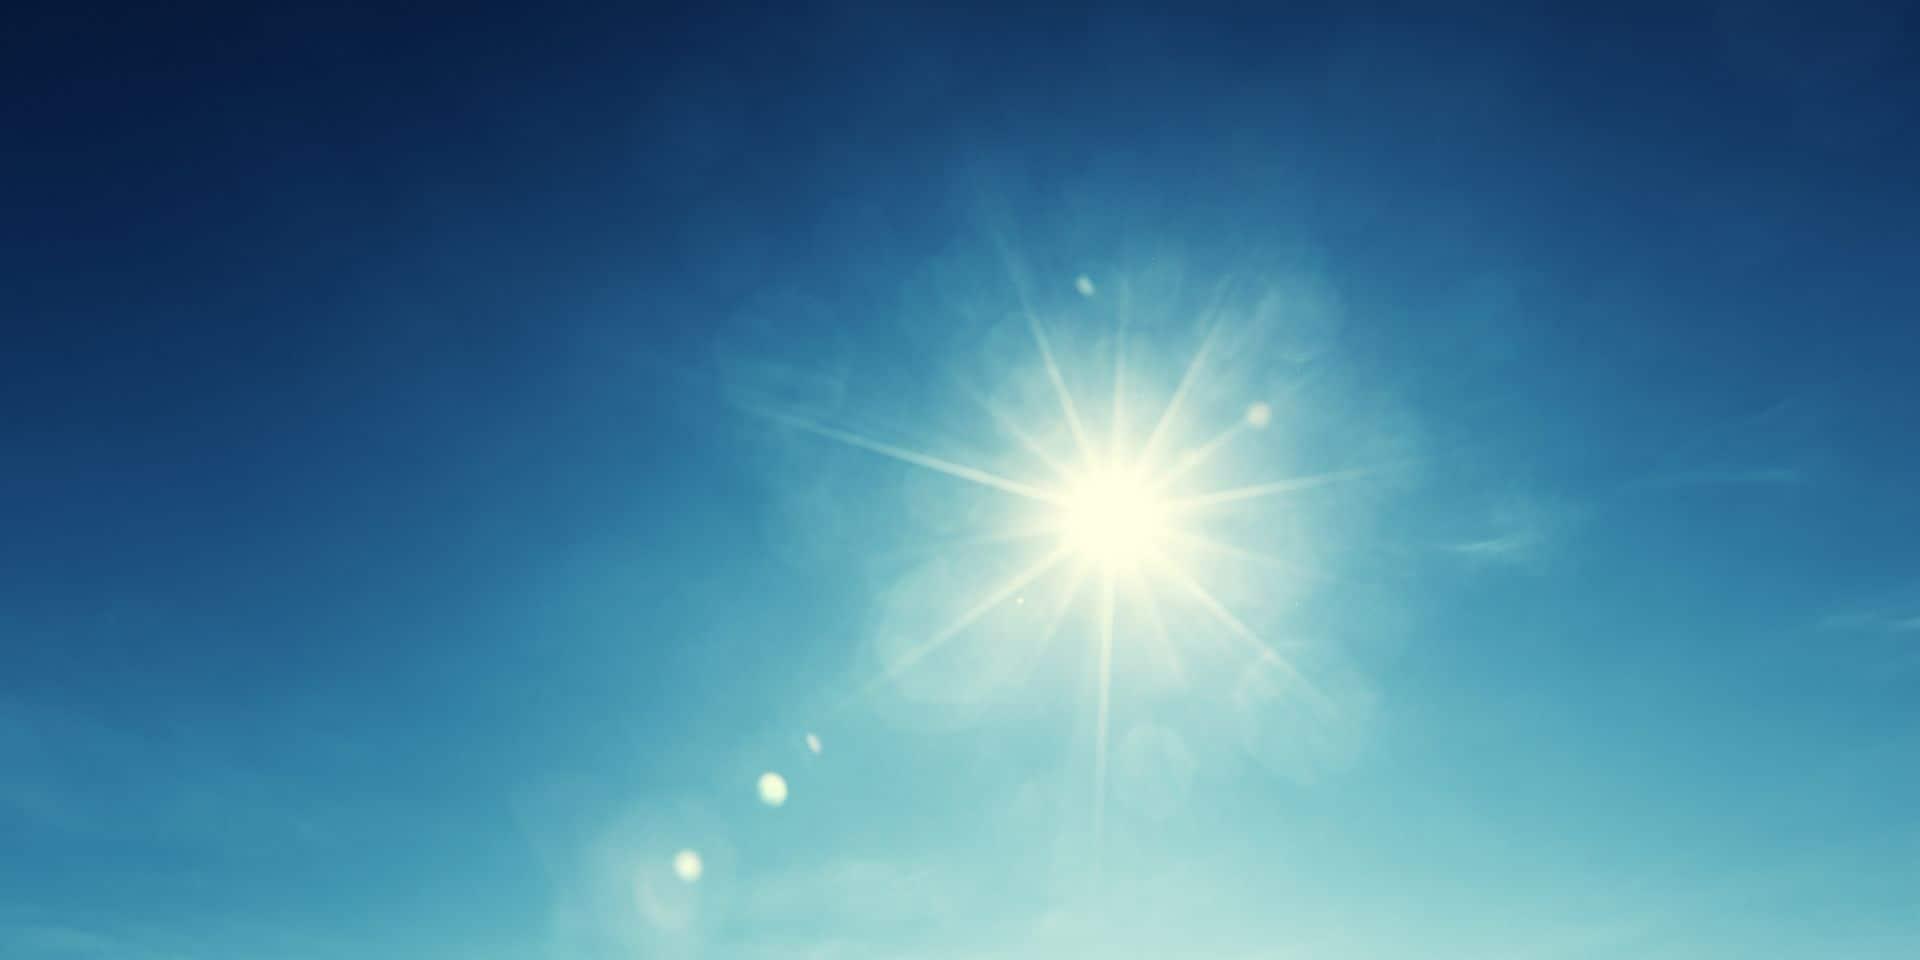 Météo: un beau soleil et un temps doux jusqu'à mardi